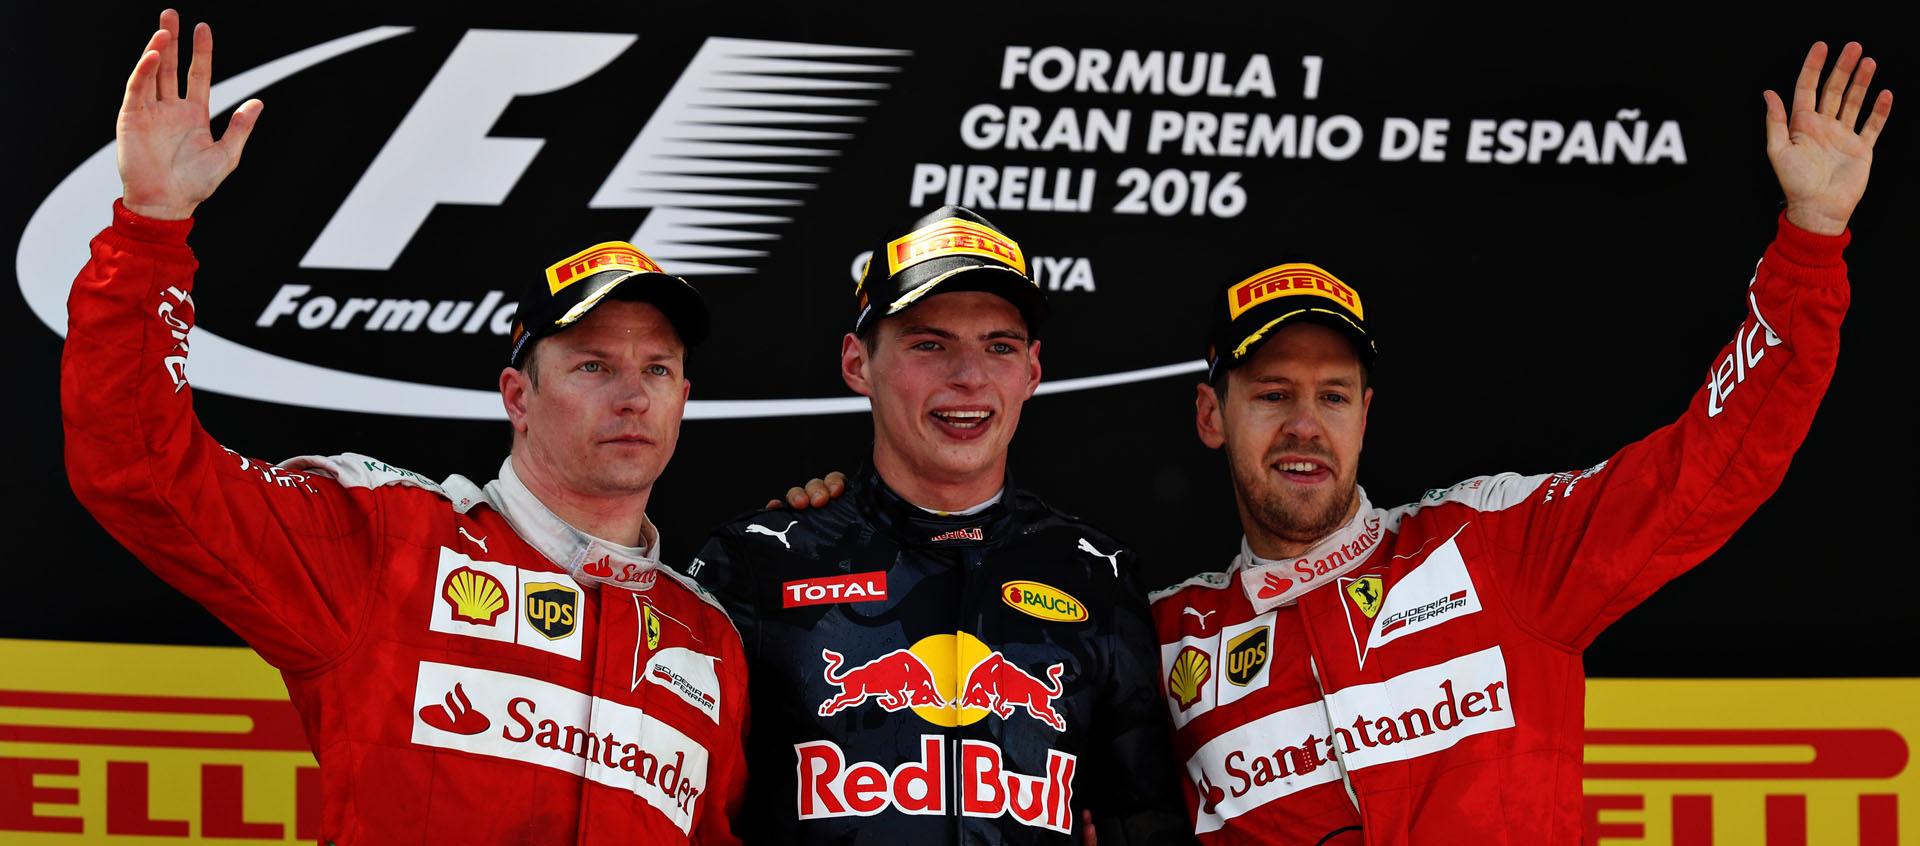 Max Verstappen, Räikkönen y Vettel en el podio del GP de España 2016 de F1